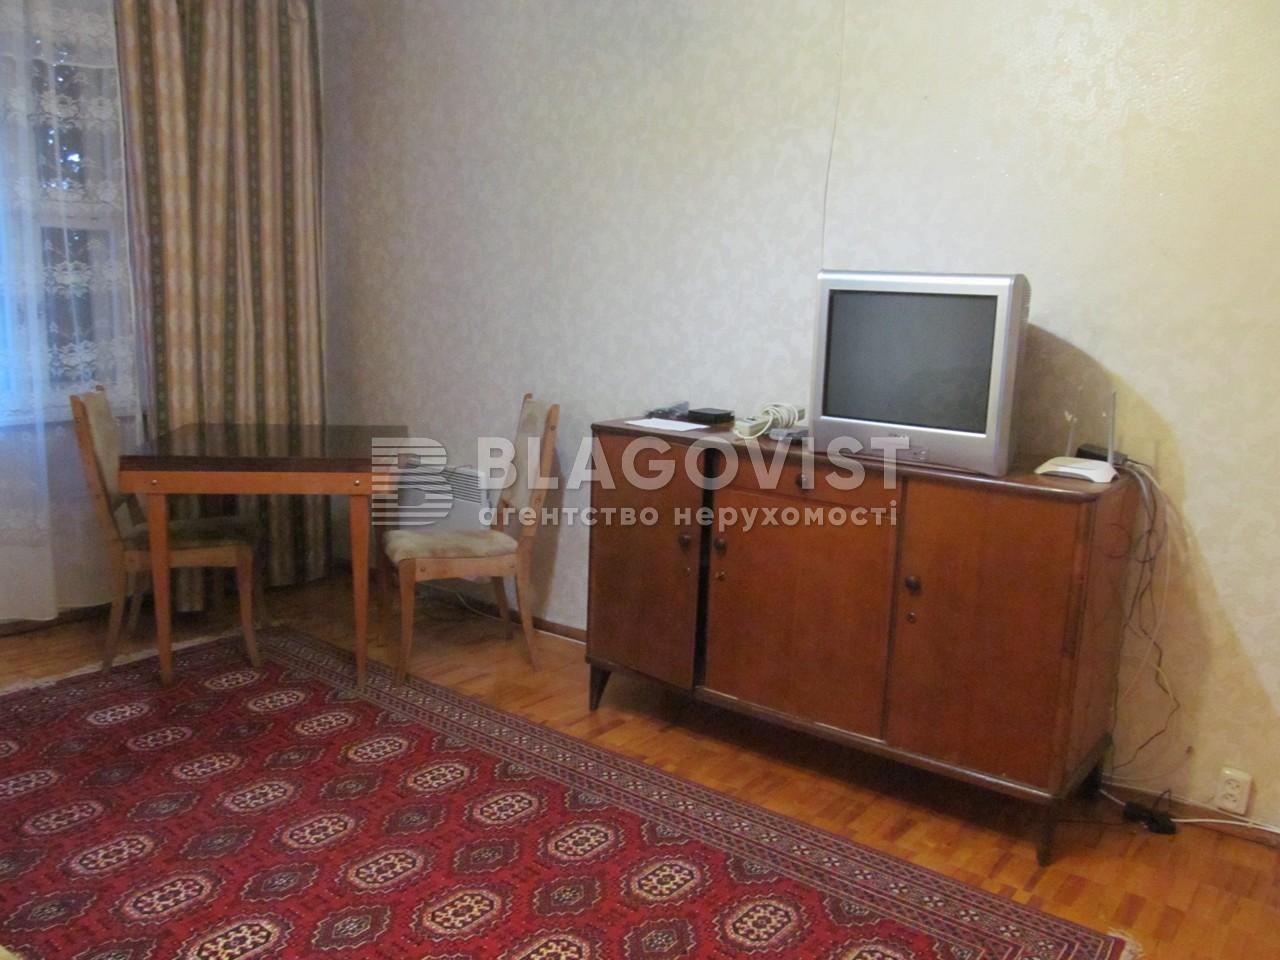 Квартира R-19490, Черновола Вячеслава, 8, Киев - Фото 6